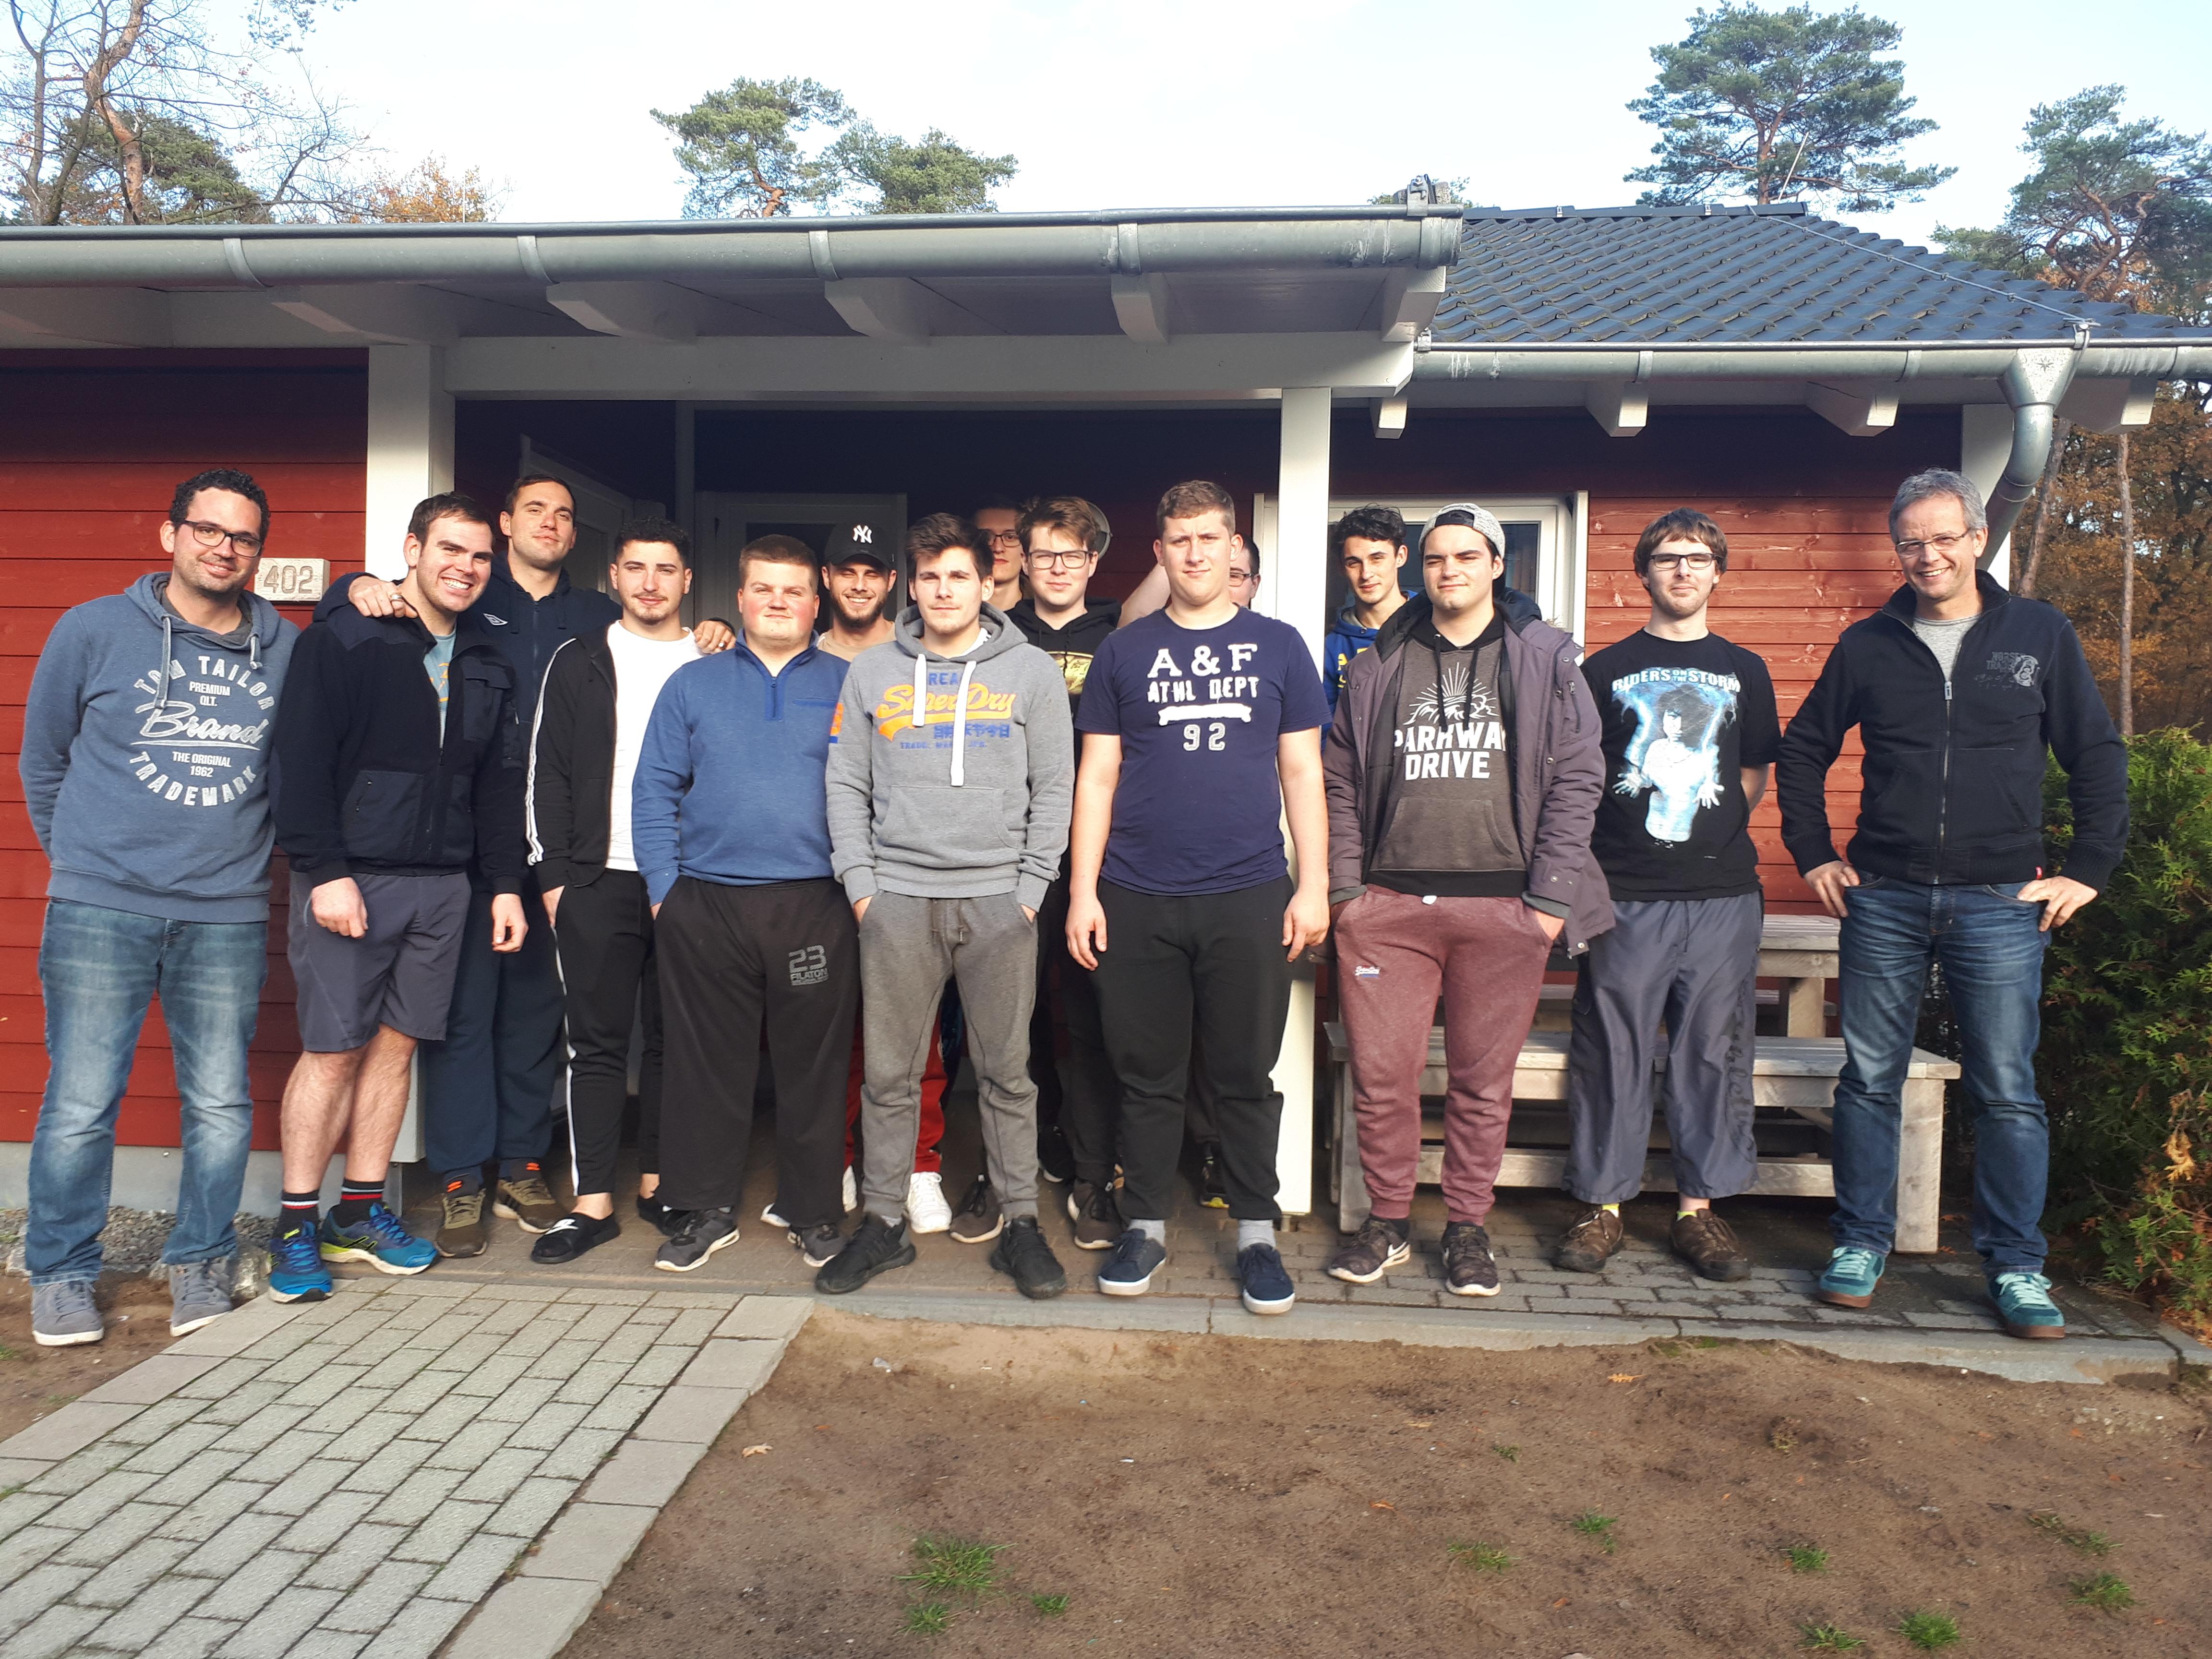 Lernfahrt der Metallbau-Abschlussklasse 2018 nach Haltern am See